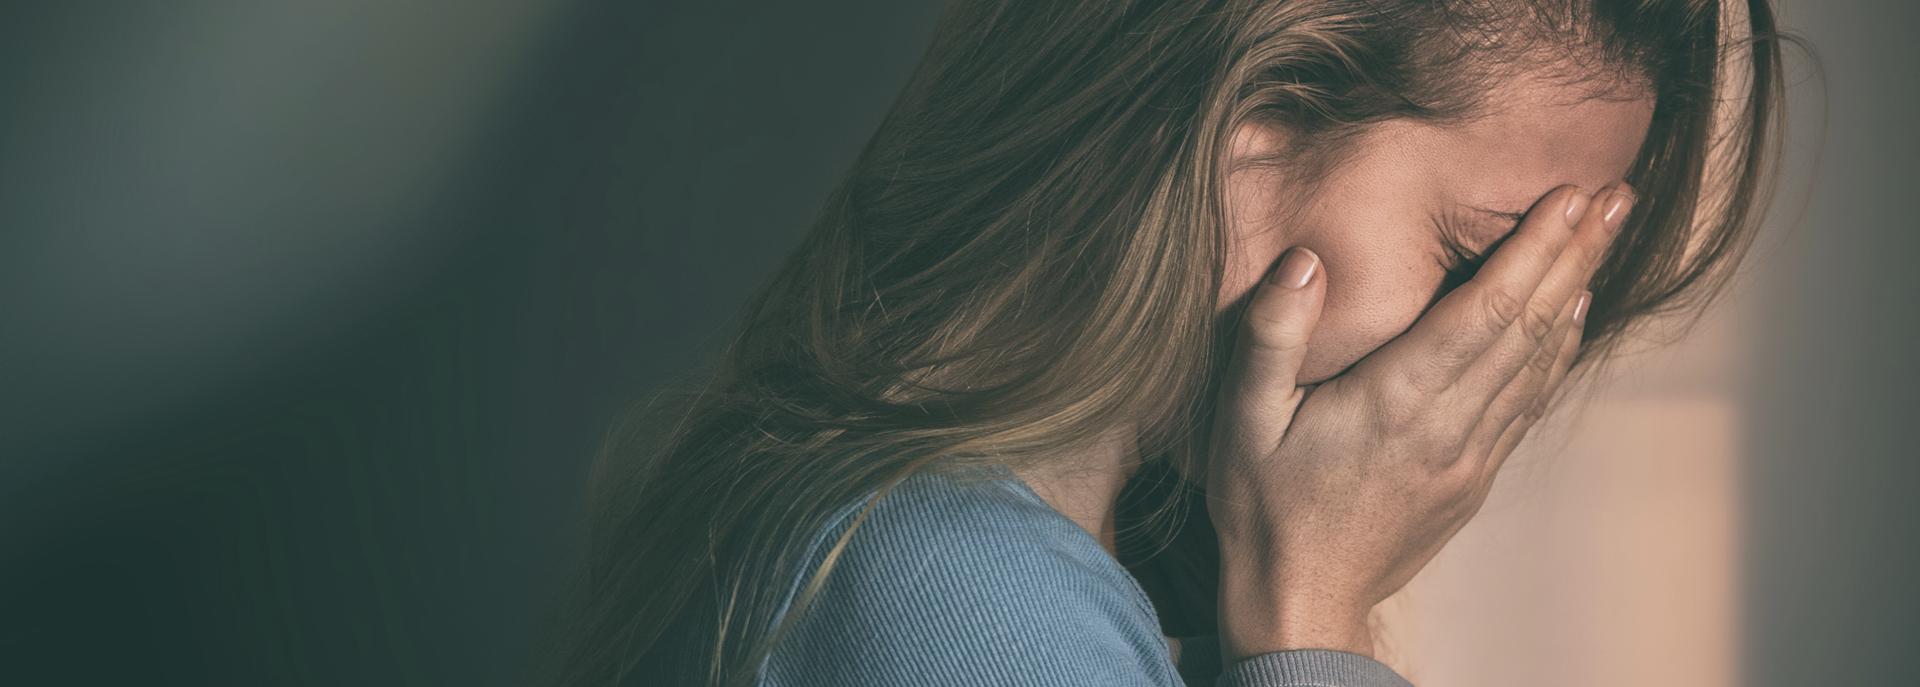 Il progetto dell'IRCCS Fatebenefratelli per i giovani del bresciano: l'impatto del Covid sulla salute mentale